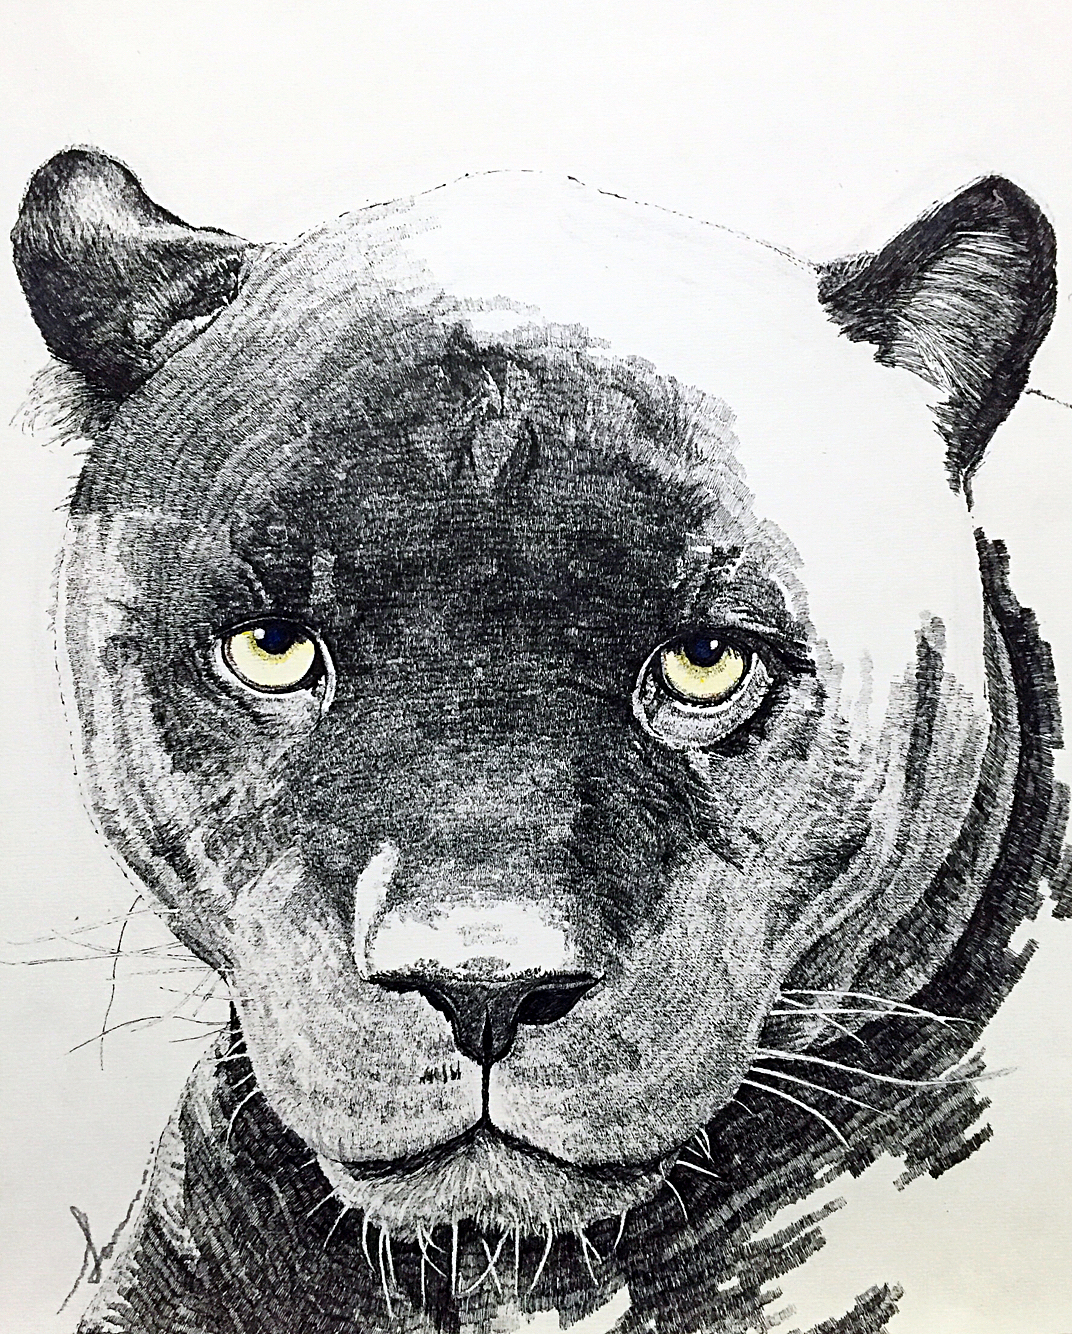 黑豹马克笔手绘